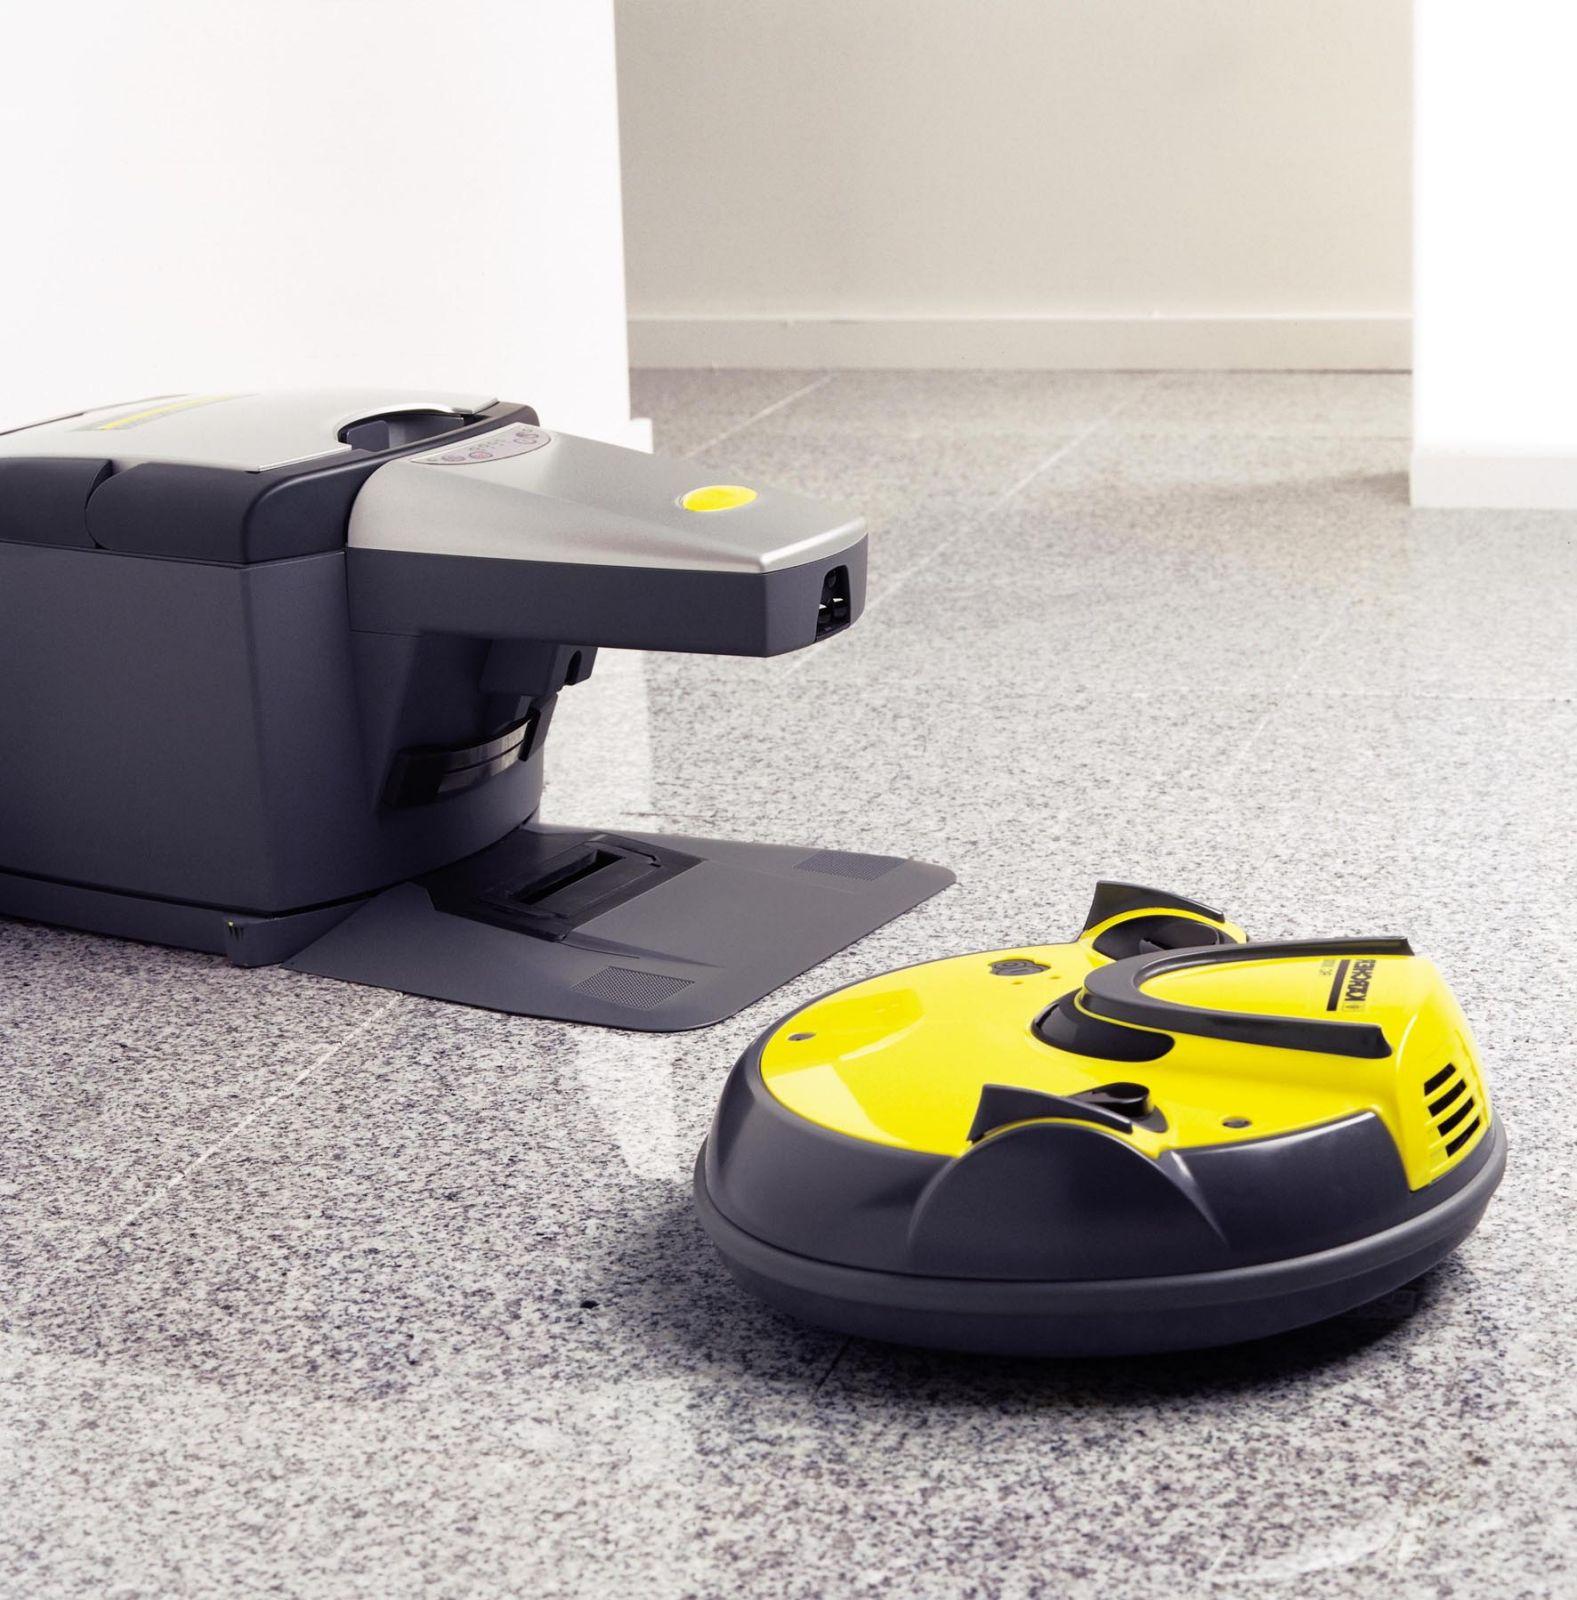 Робот-пылесос karcher rc 3000 - робот-пылесос керхер - просто находка для современных хозяек фото